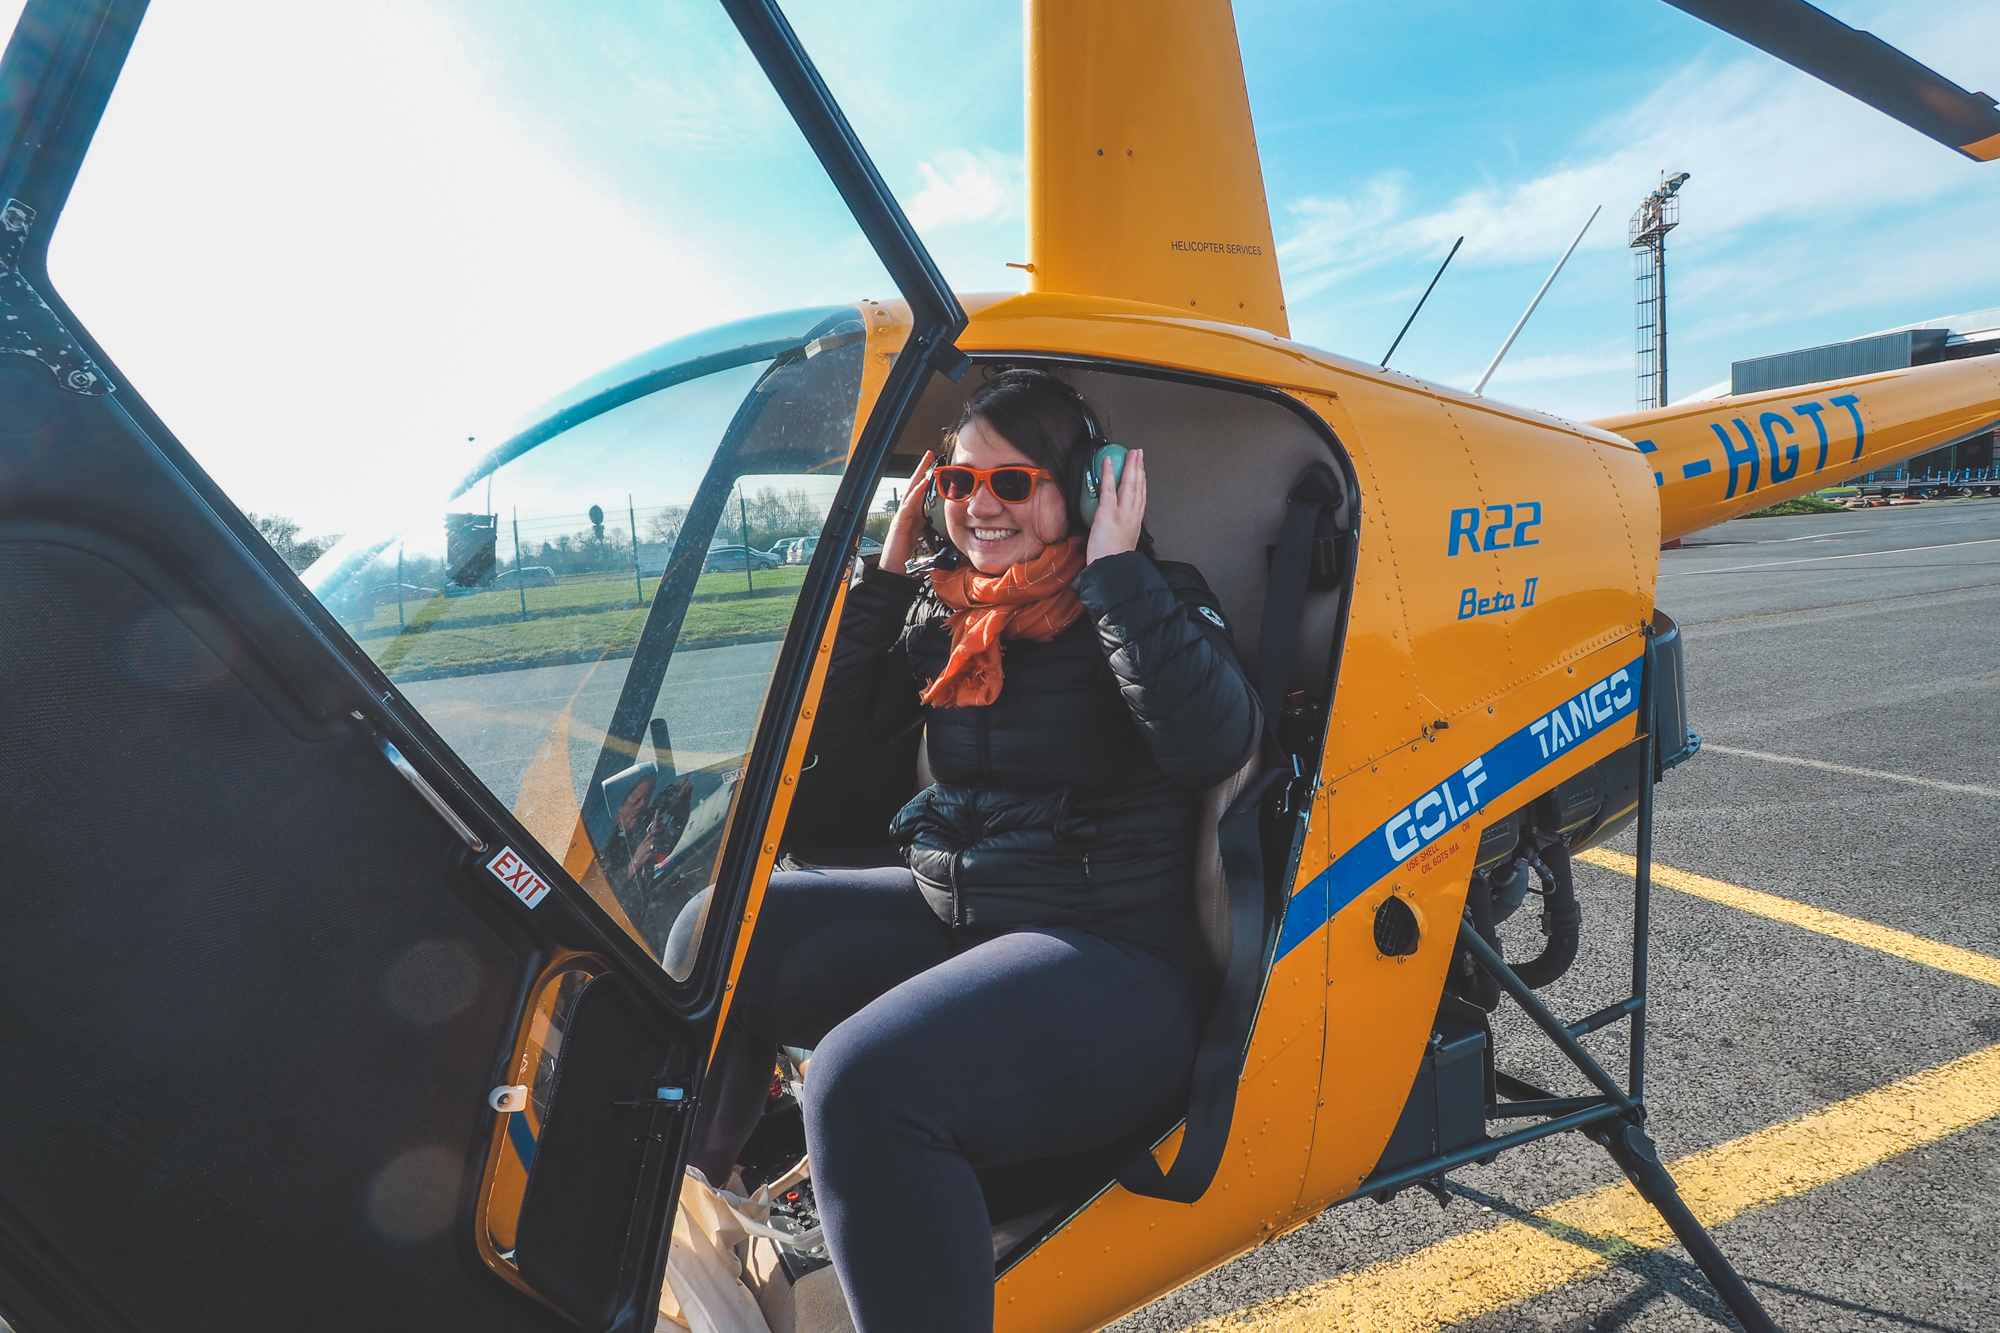 Faire un baptême en hélicoptère au dessus d'Etretat avis